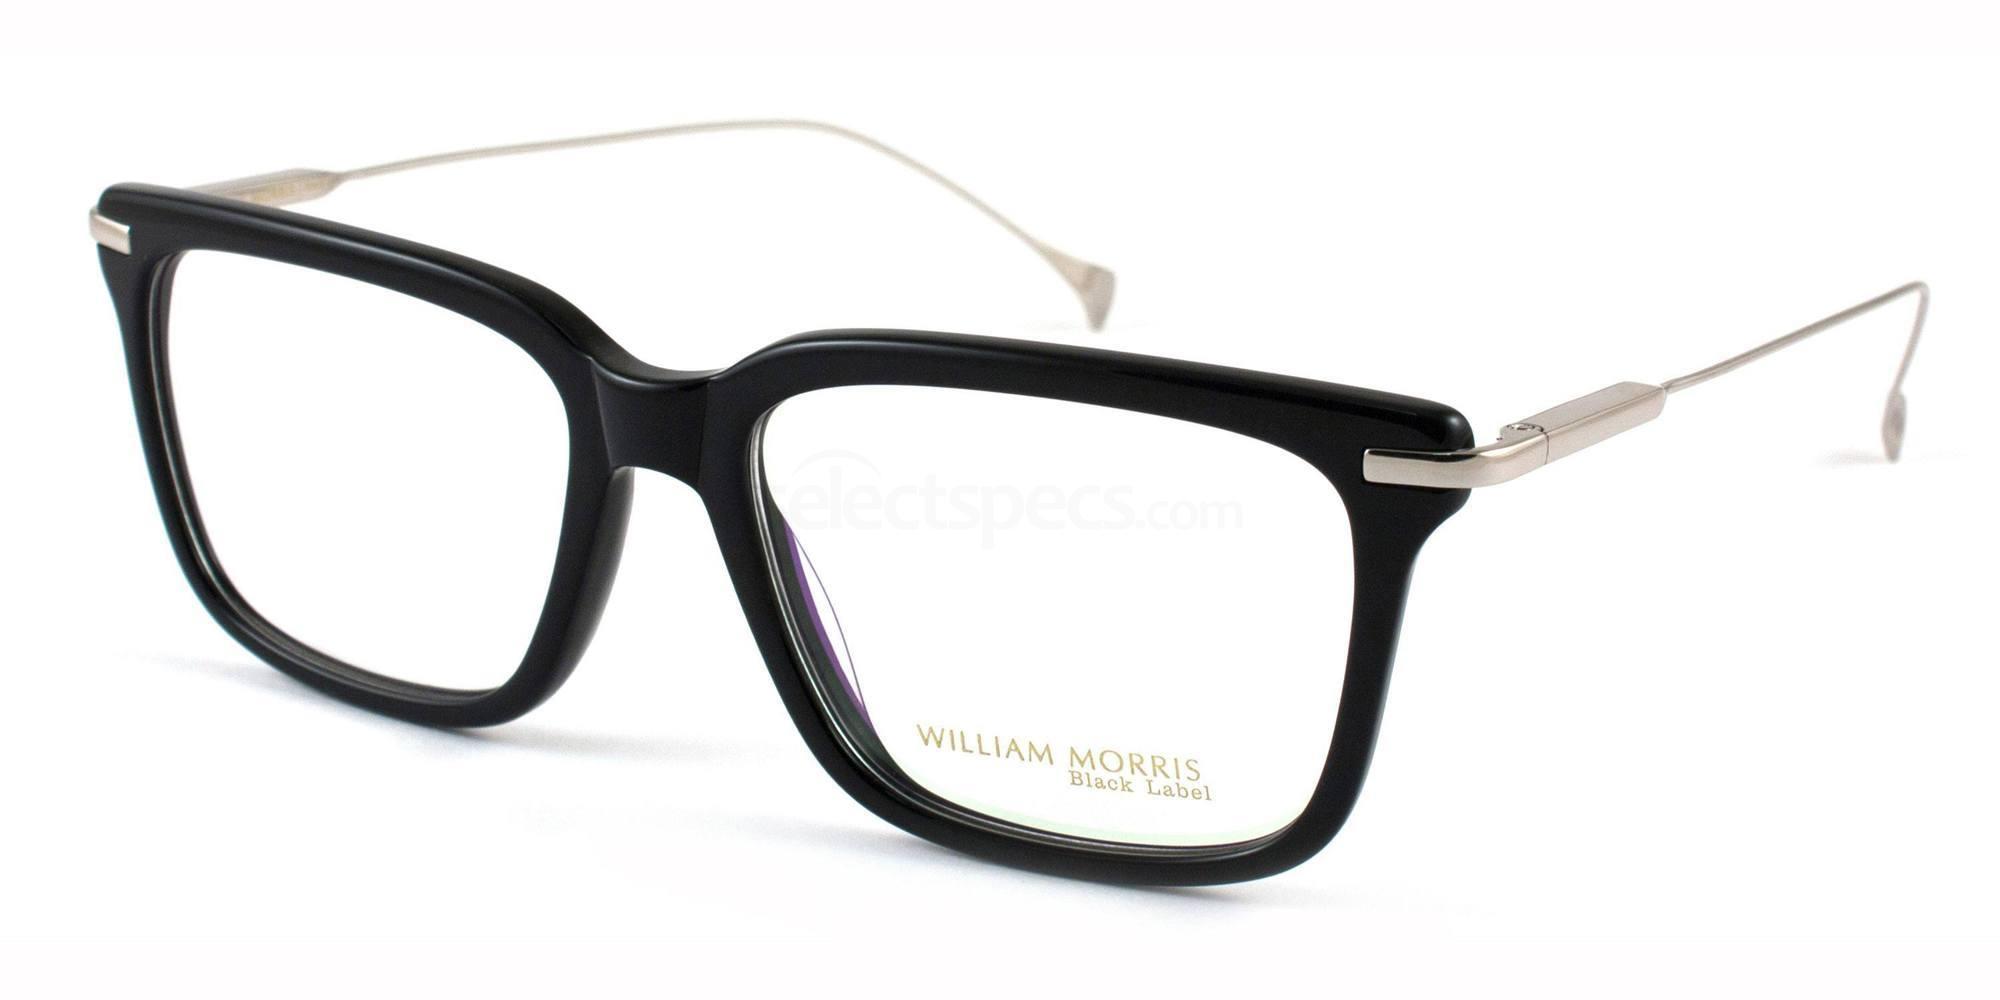 C1 BL115 Glasses, William Morris Black Label